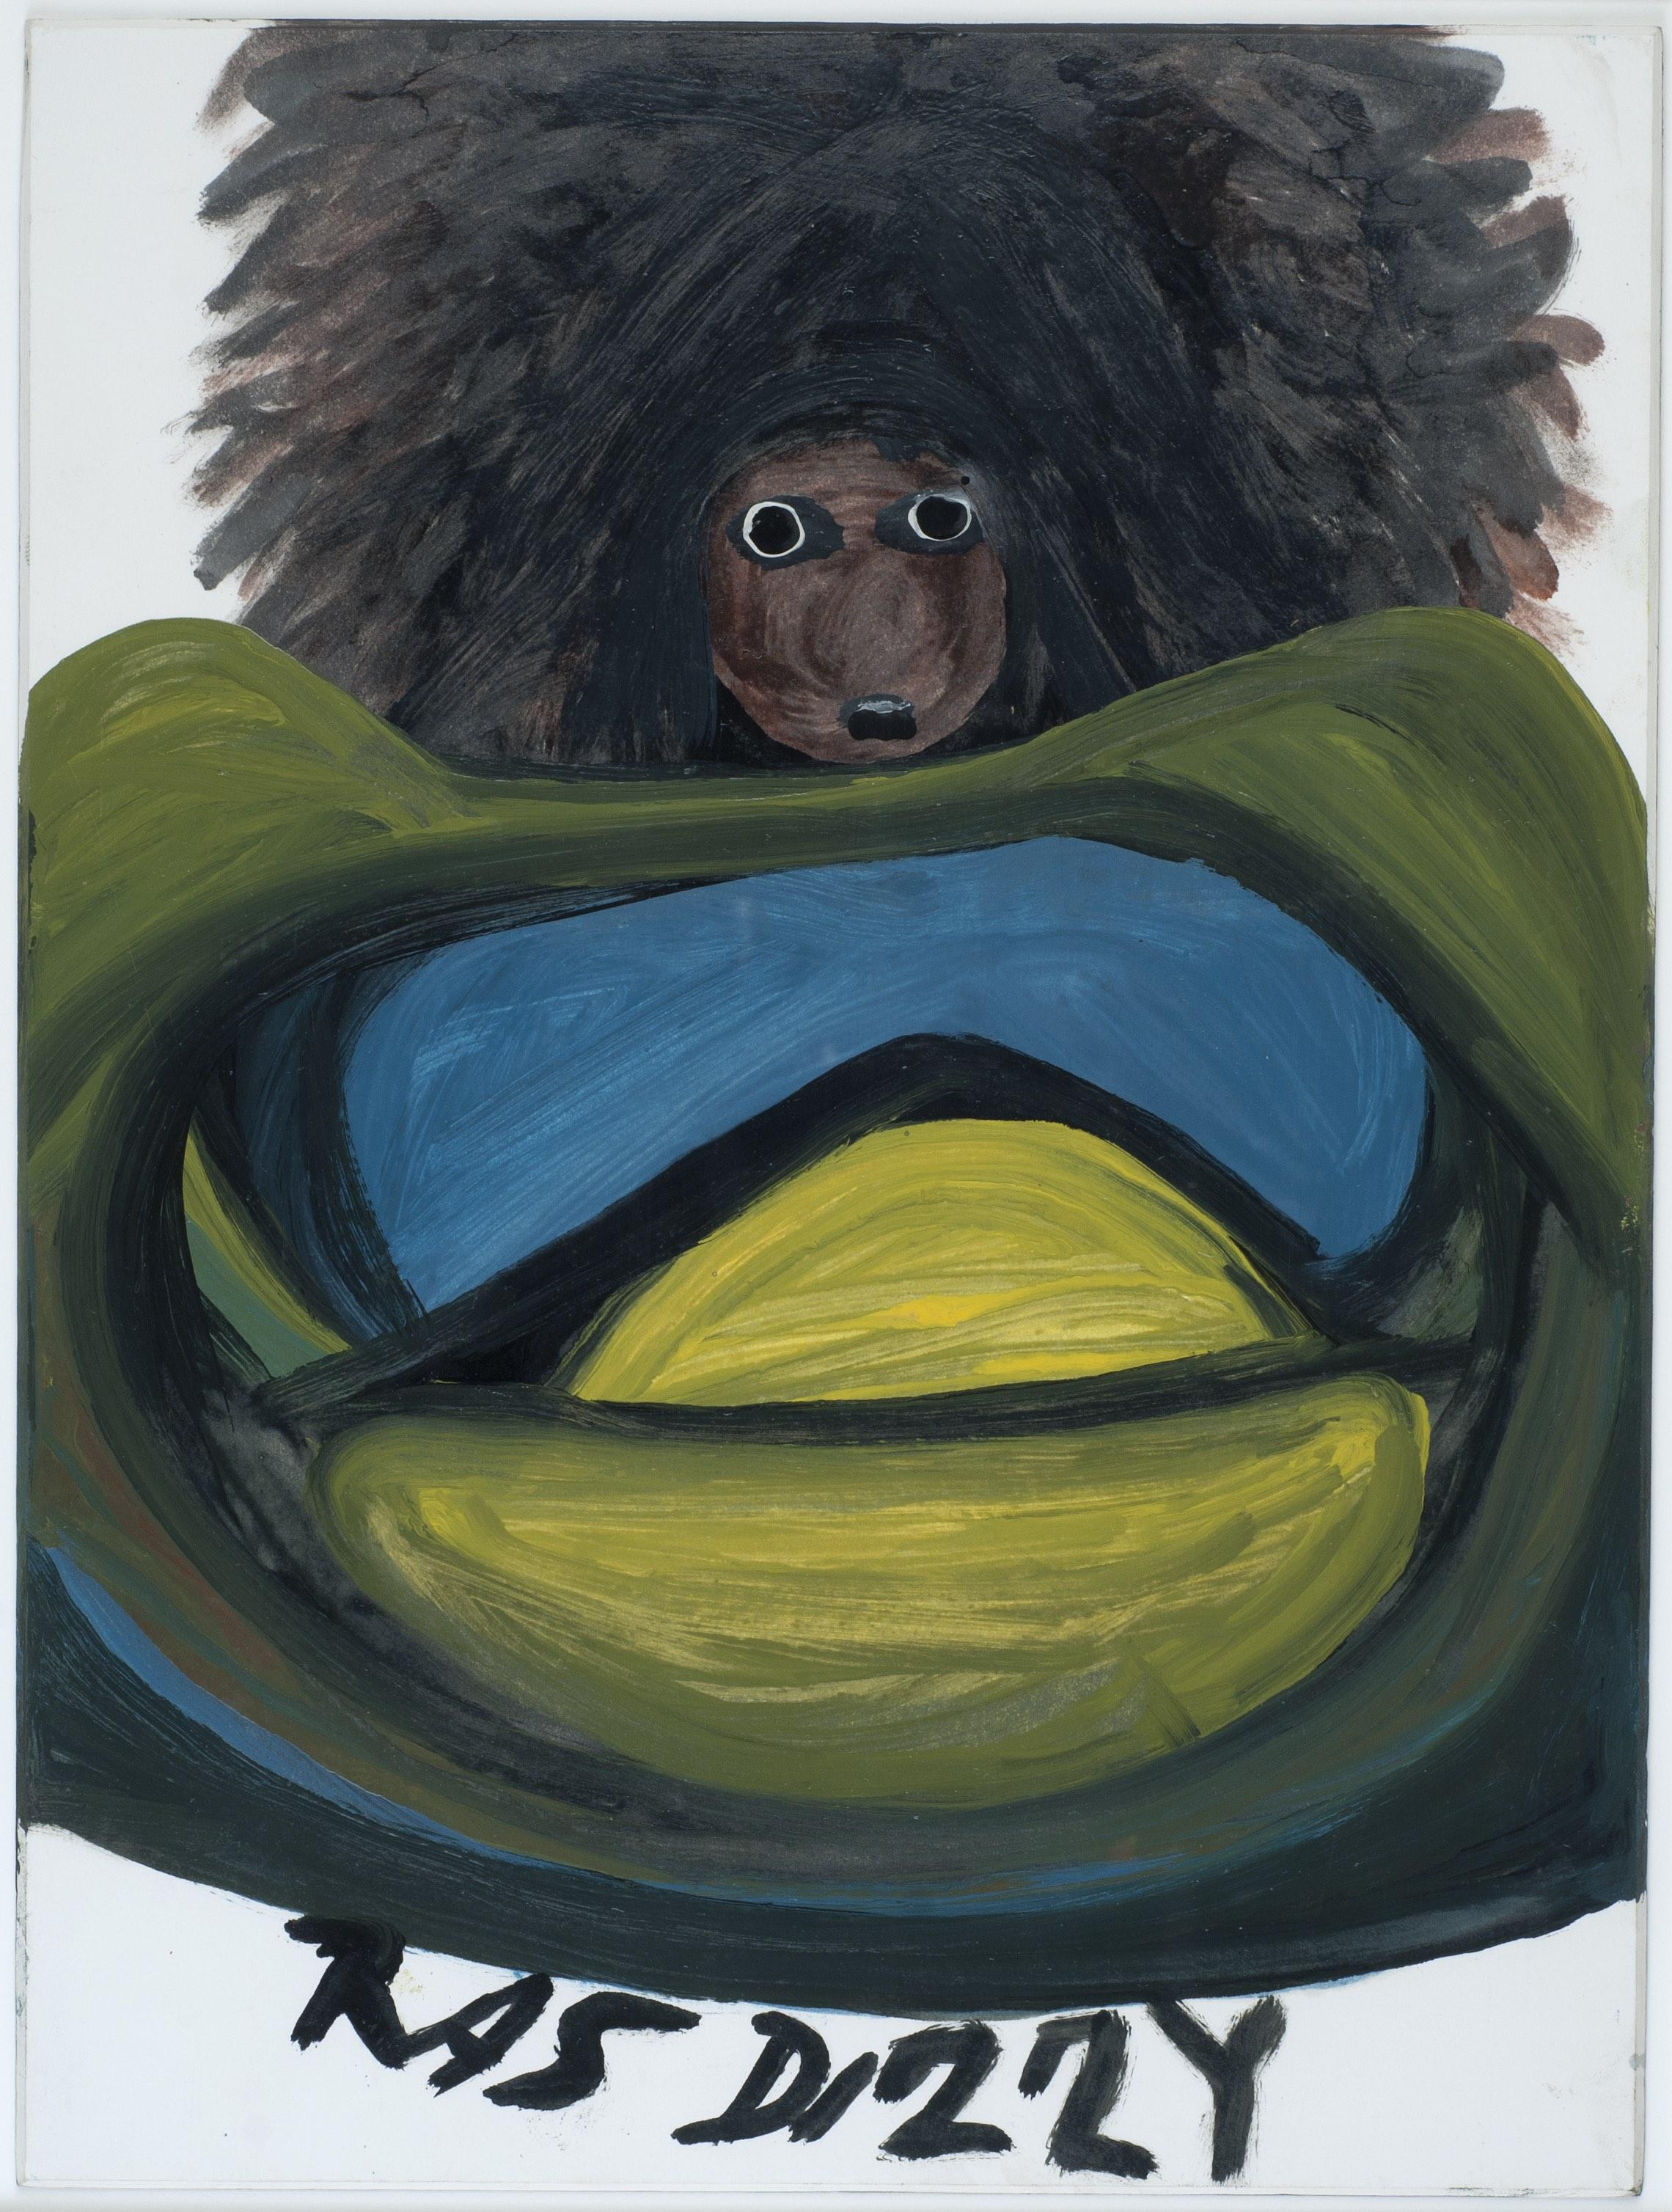 Ras Dizzy The Dread, 1998 Oil, tempera on matboard 14.25 x 10.75 inches 36.2 x 27.3 cm RD 98